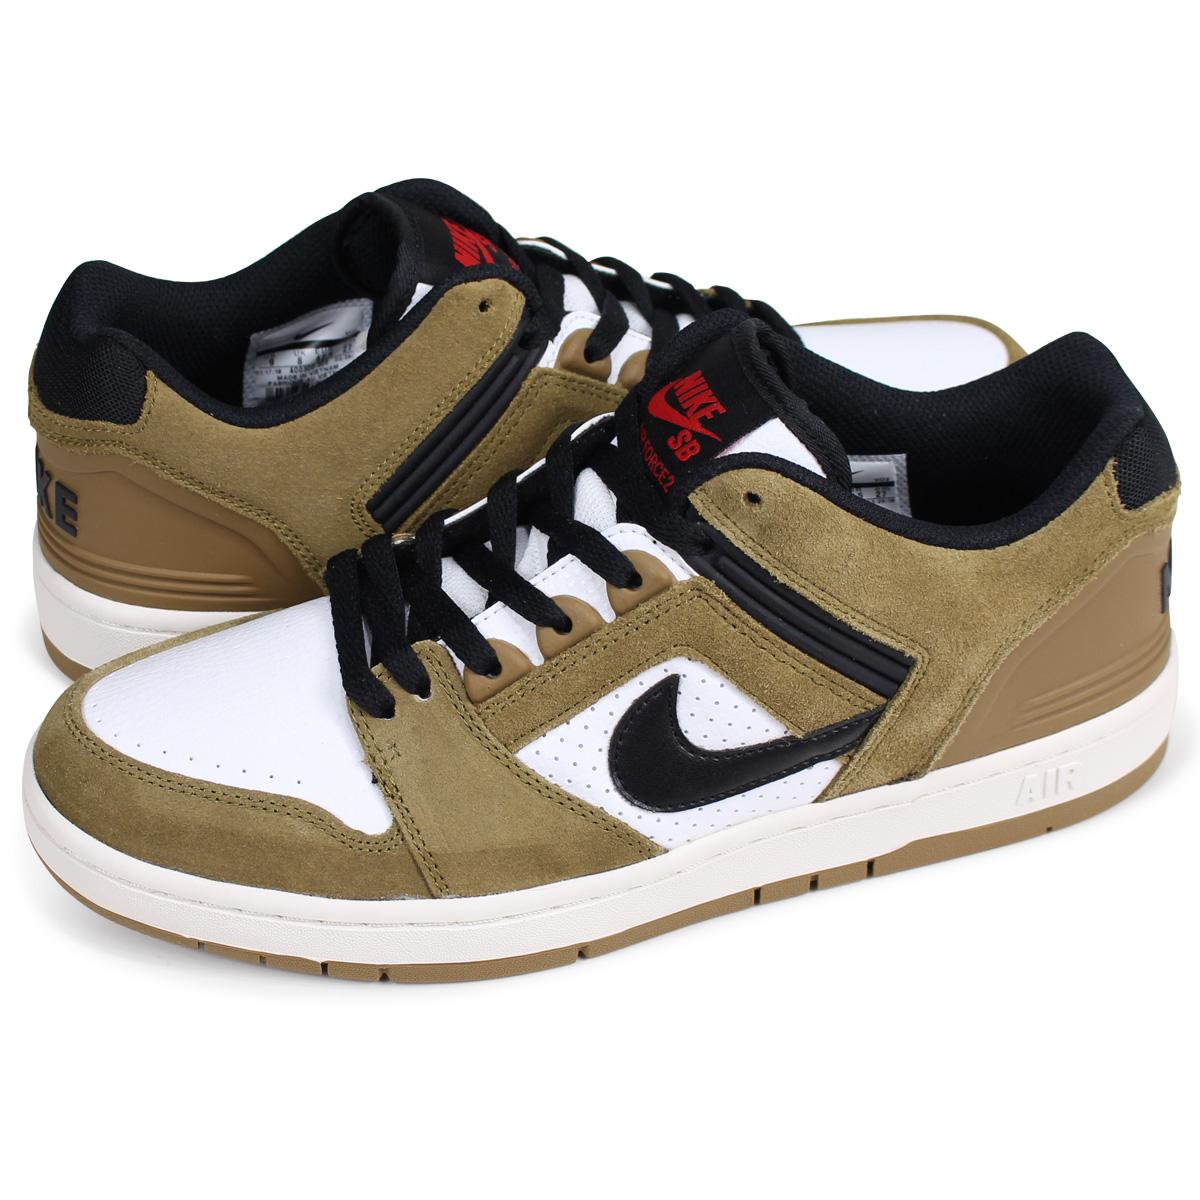 NIKE SB AIR FORCE 2 LOW ESCAPE Nike air force 2 sneakers men 917,753 700 brown [61 Shinnyu load]